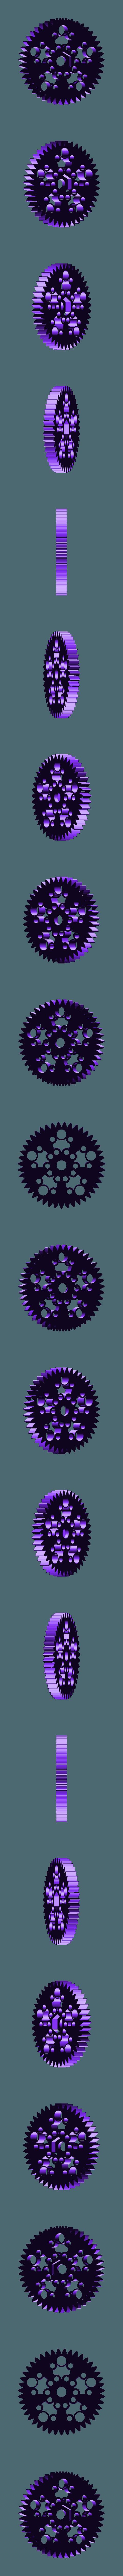 big_gear_with_patern.stl Télécharger fichier STL gratuit Extrudeuse à engrenages • Modèle pour impression 3D, Job